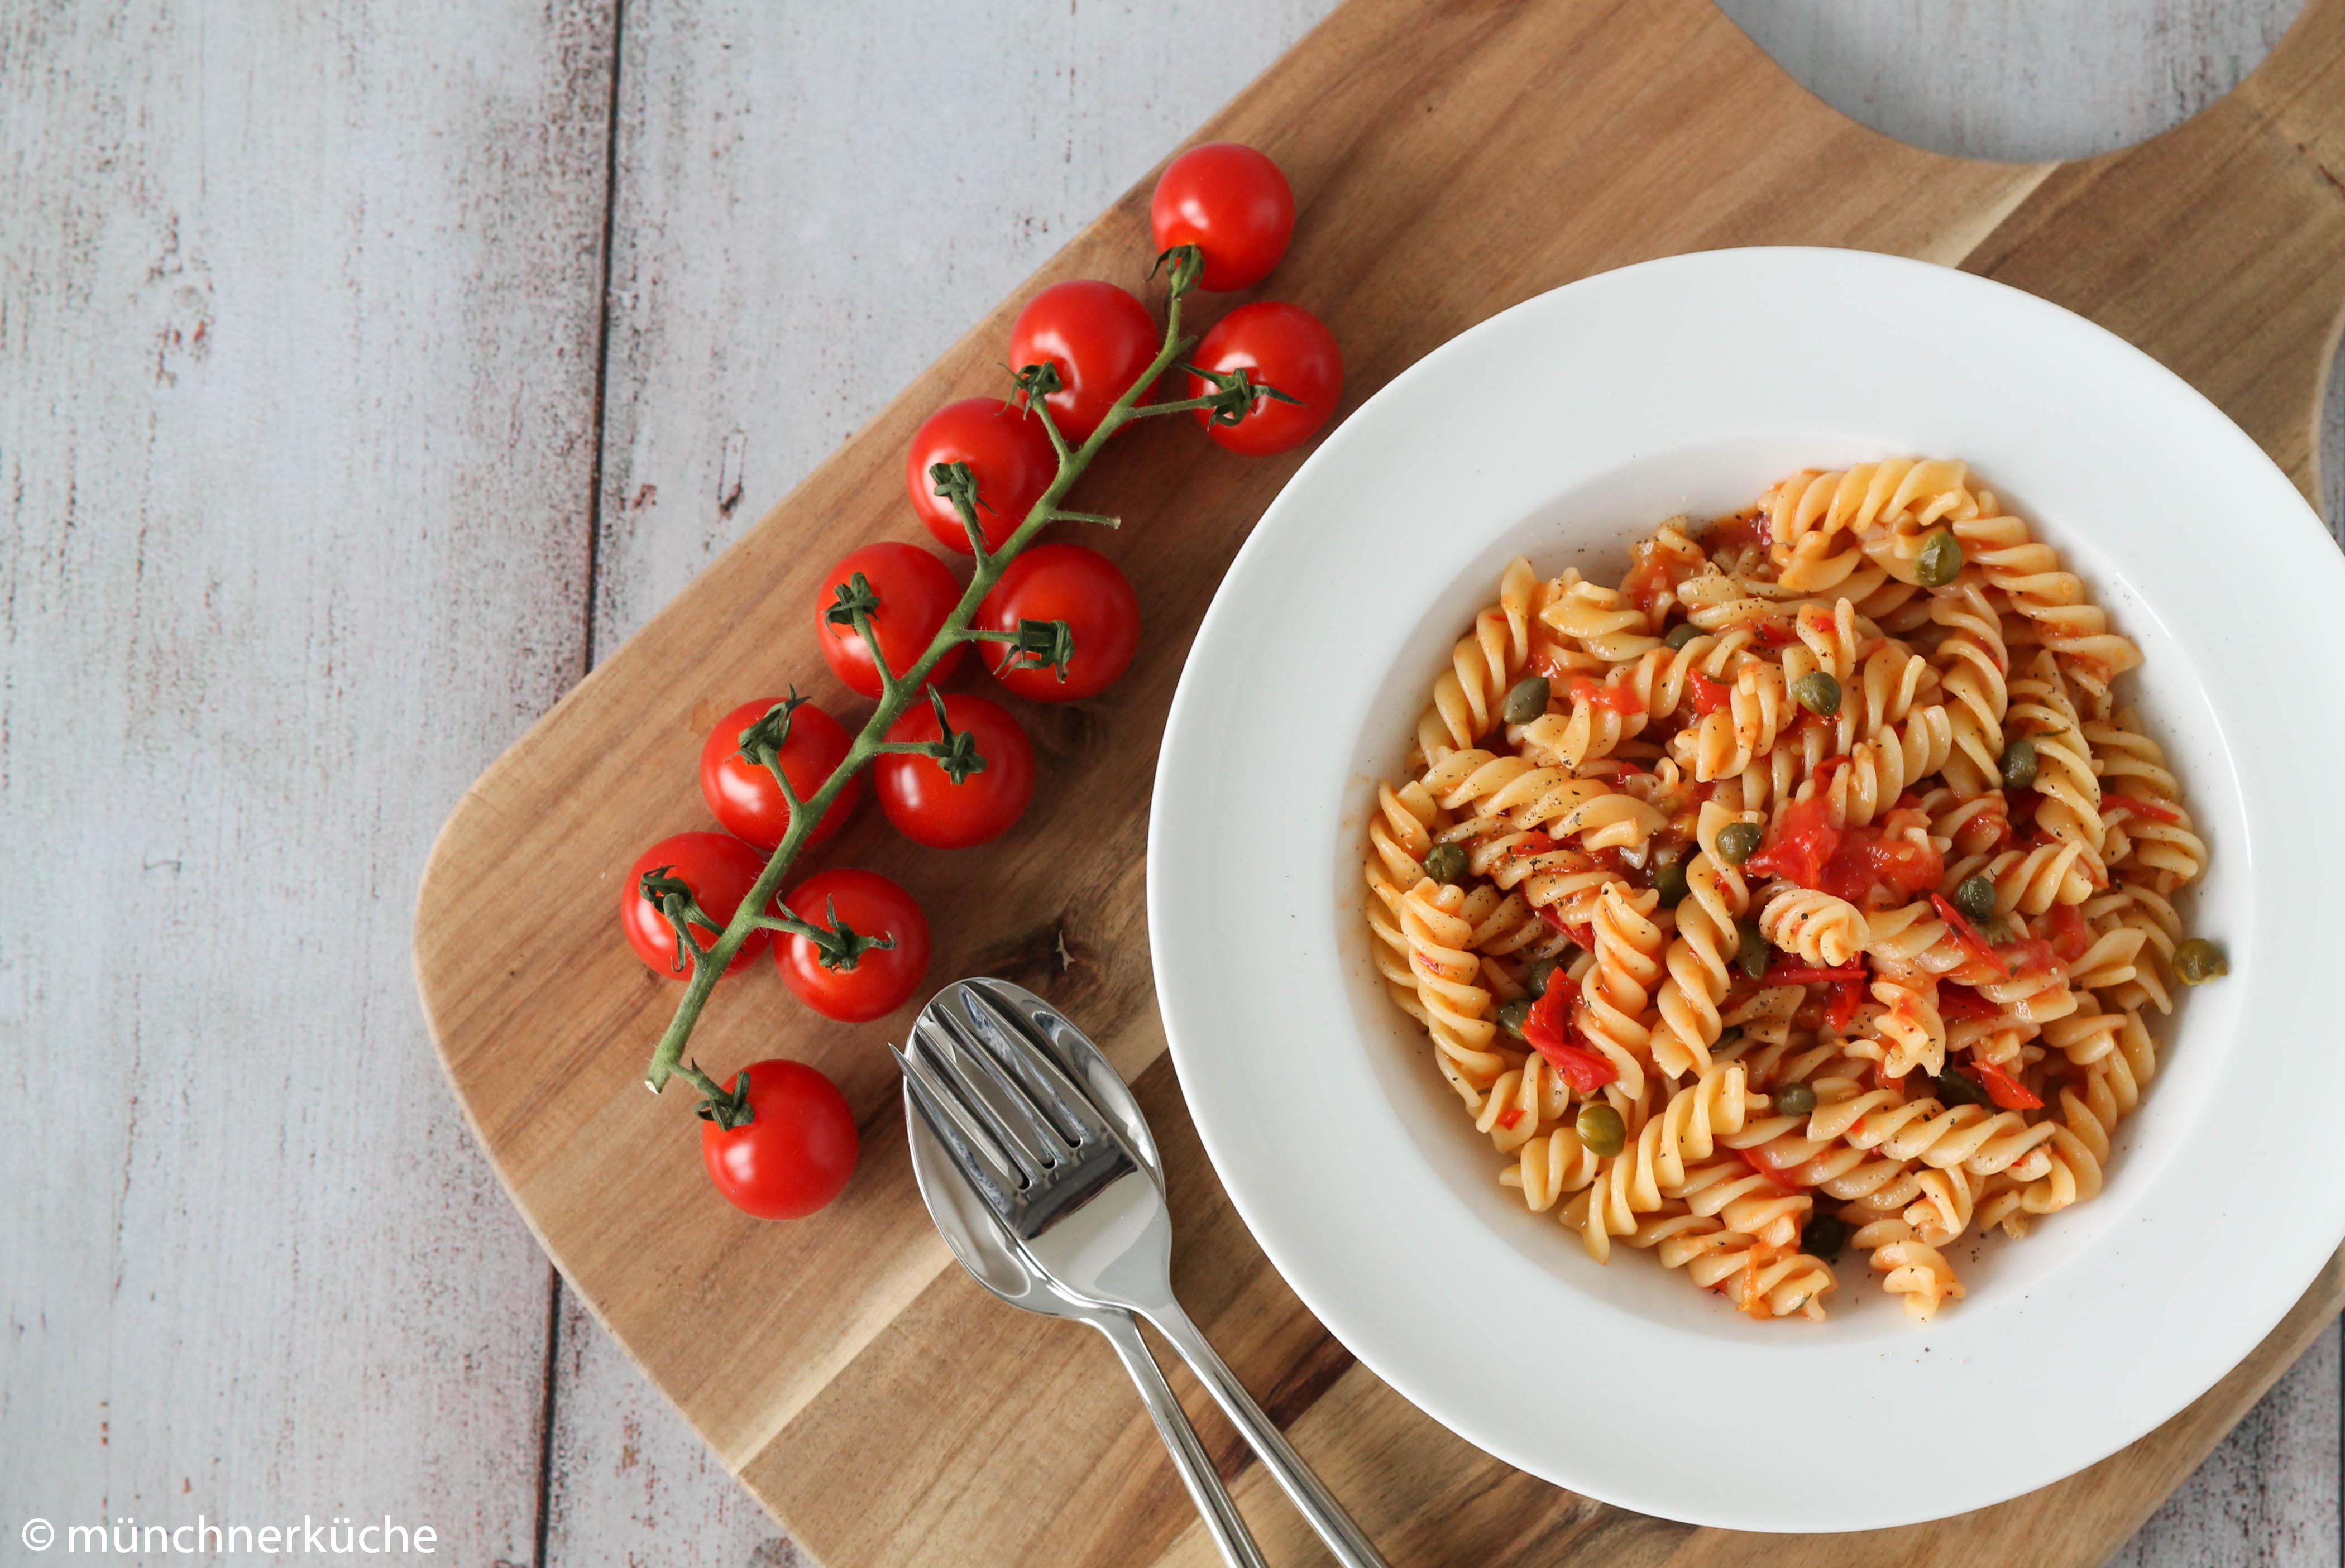 Fussili mit Tomaten und Kapern